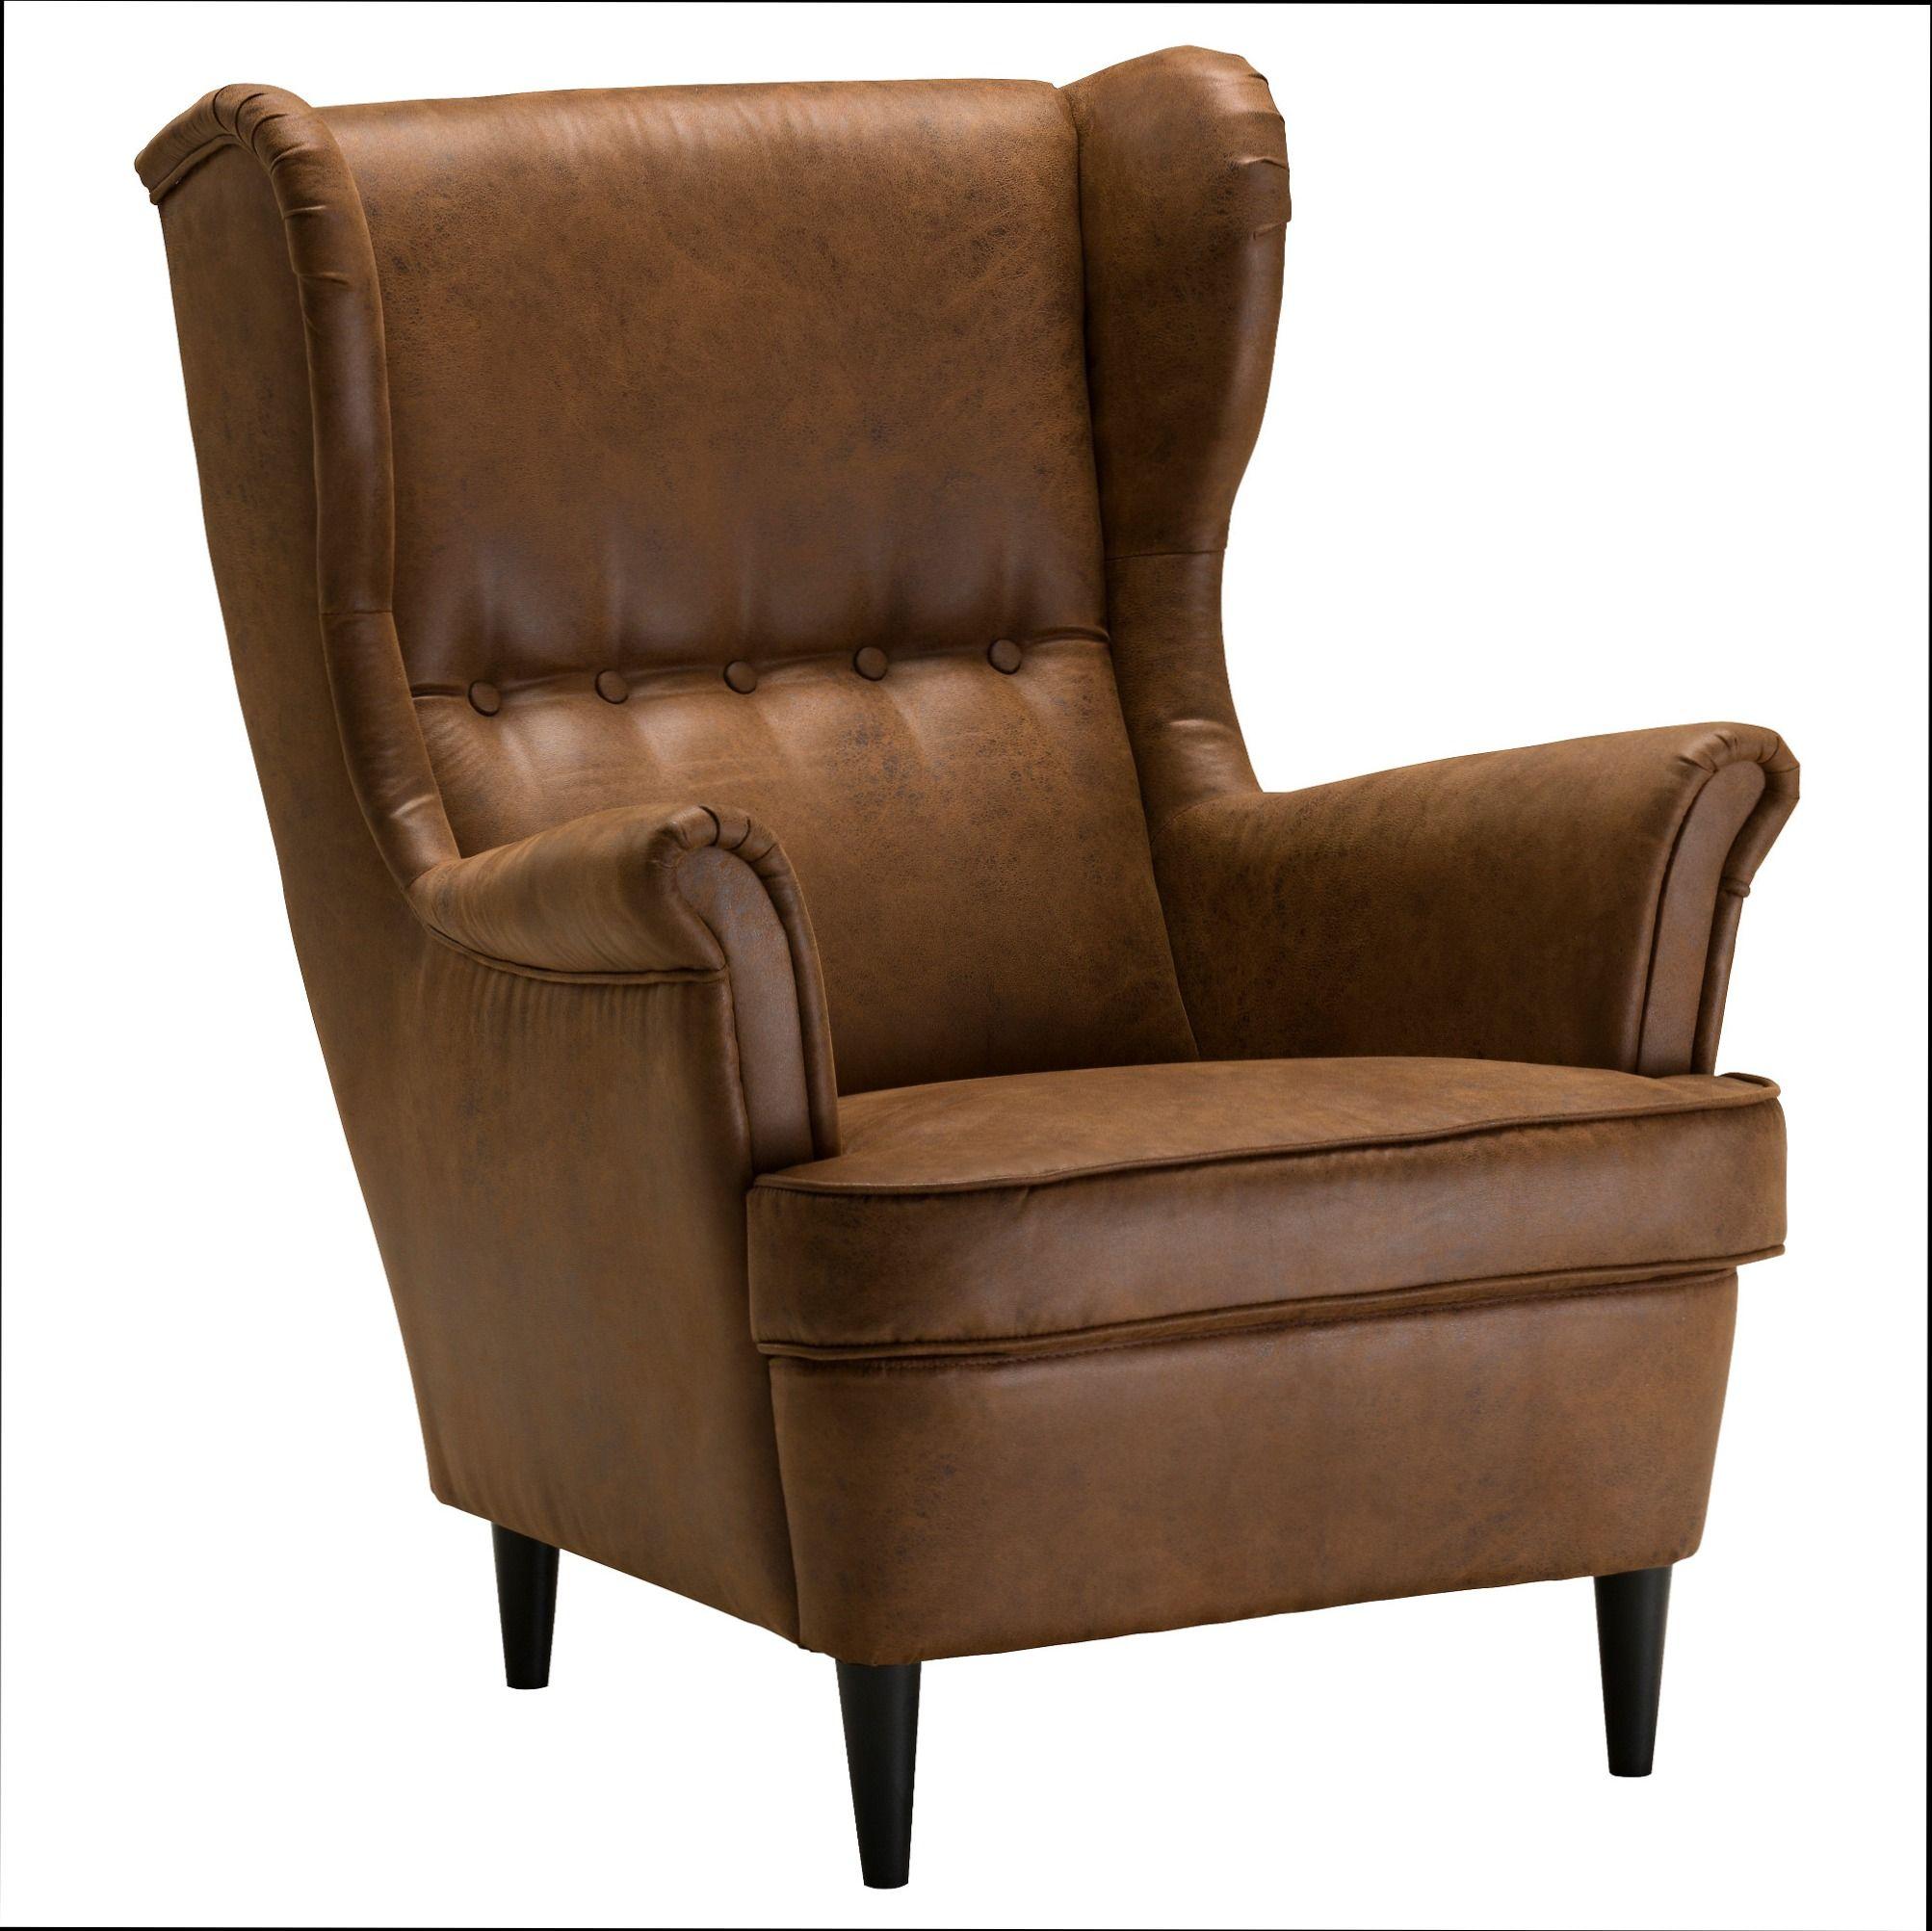 Full Size of Sessel Ikea Mit Hocker Ohrensessel Genial Schlafzimmer Betten Bei Küche Kaufen Wohnzimmer Miniküche Kosten Lounge Garten Modulküche Hängesessel Relaxsessel Wohnzimmer Sessel Ikea